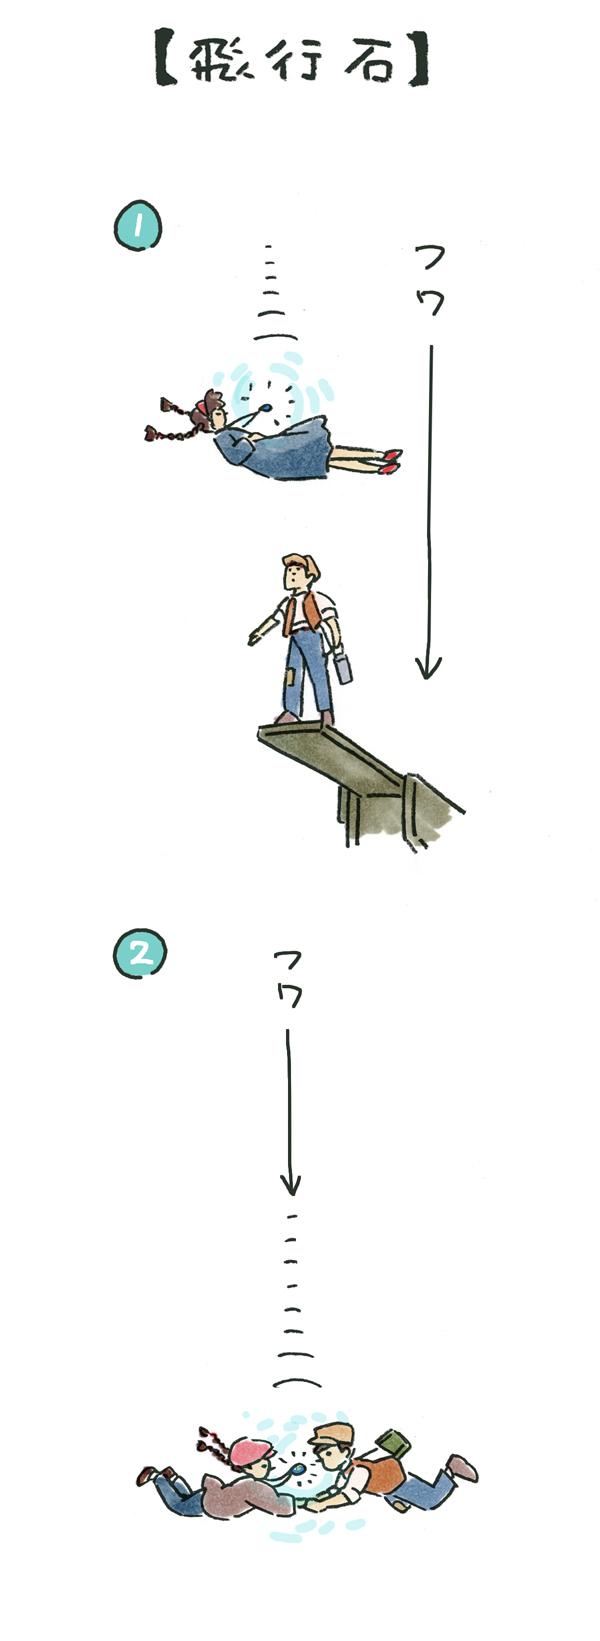 天空の城ラピュタふわふわ考察飛行石では飛行できない事前すり合わせ